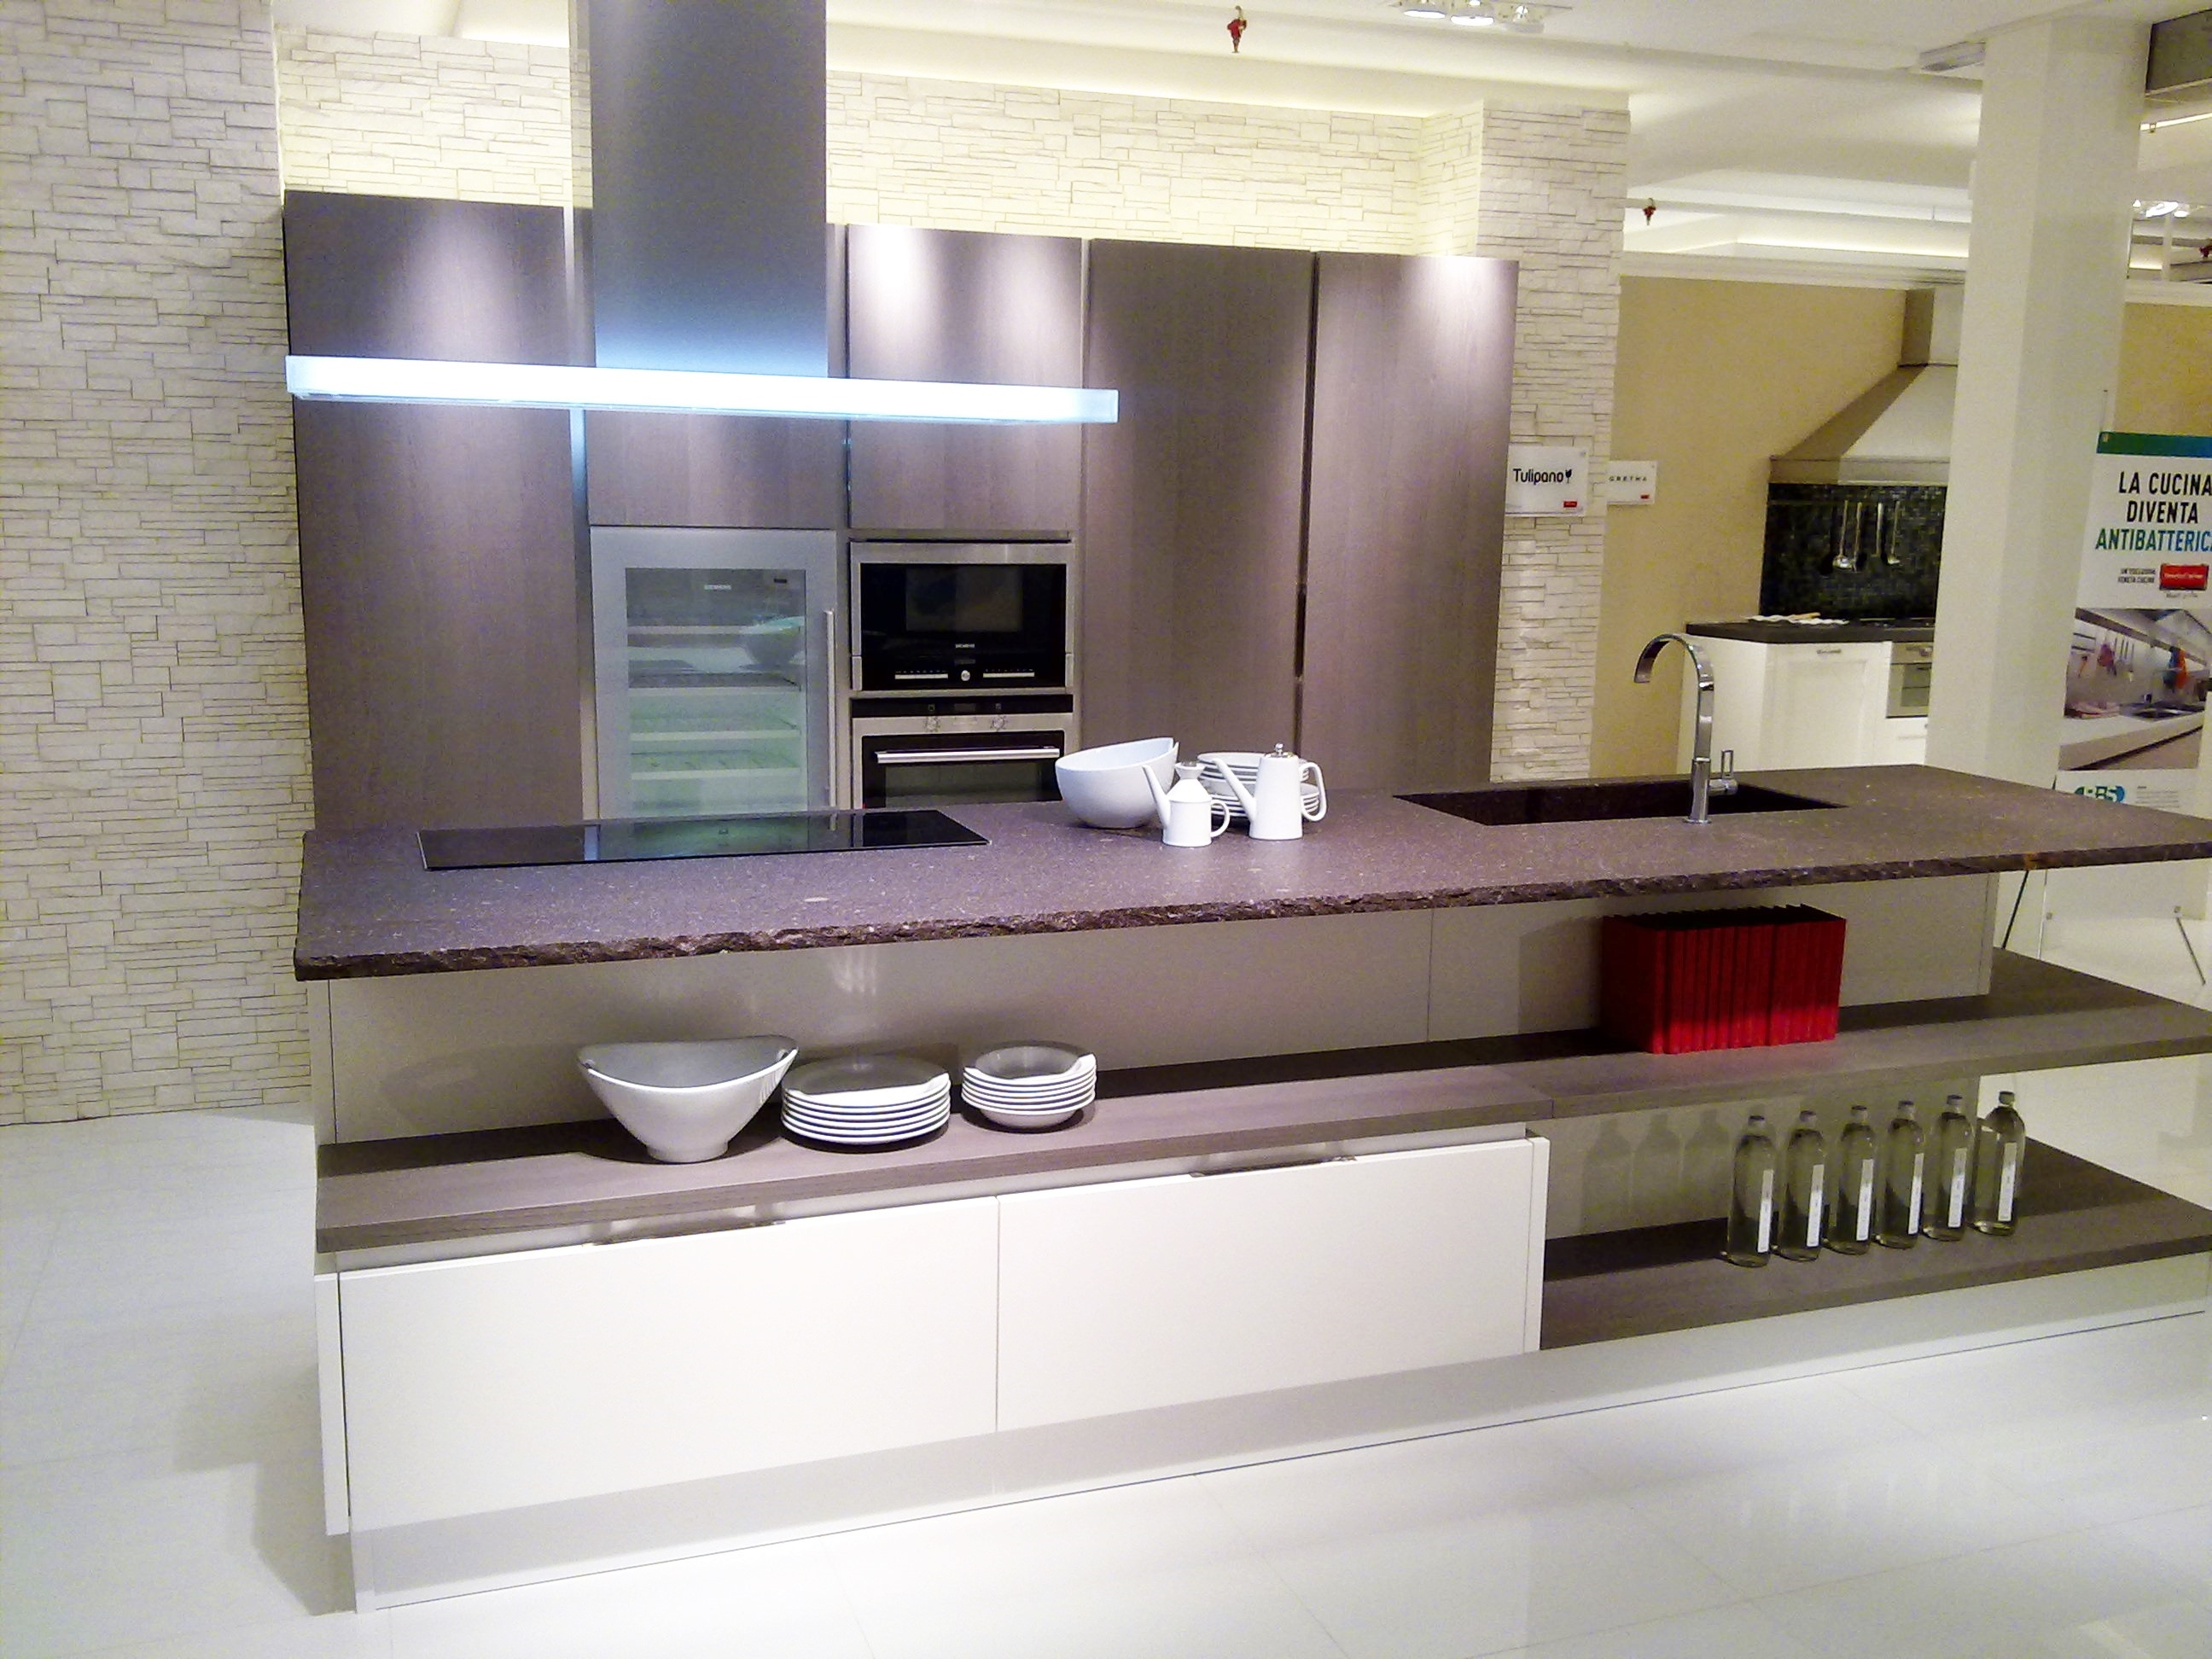 Cucina Veneta Cucine Tulipano Scontato Del  65 % Cucine A Prezzi  #72654B 2592 1944 Dibiesse O Veneta Cucine